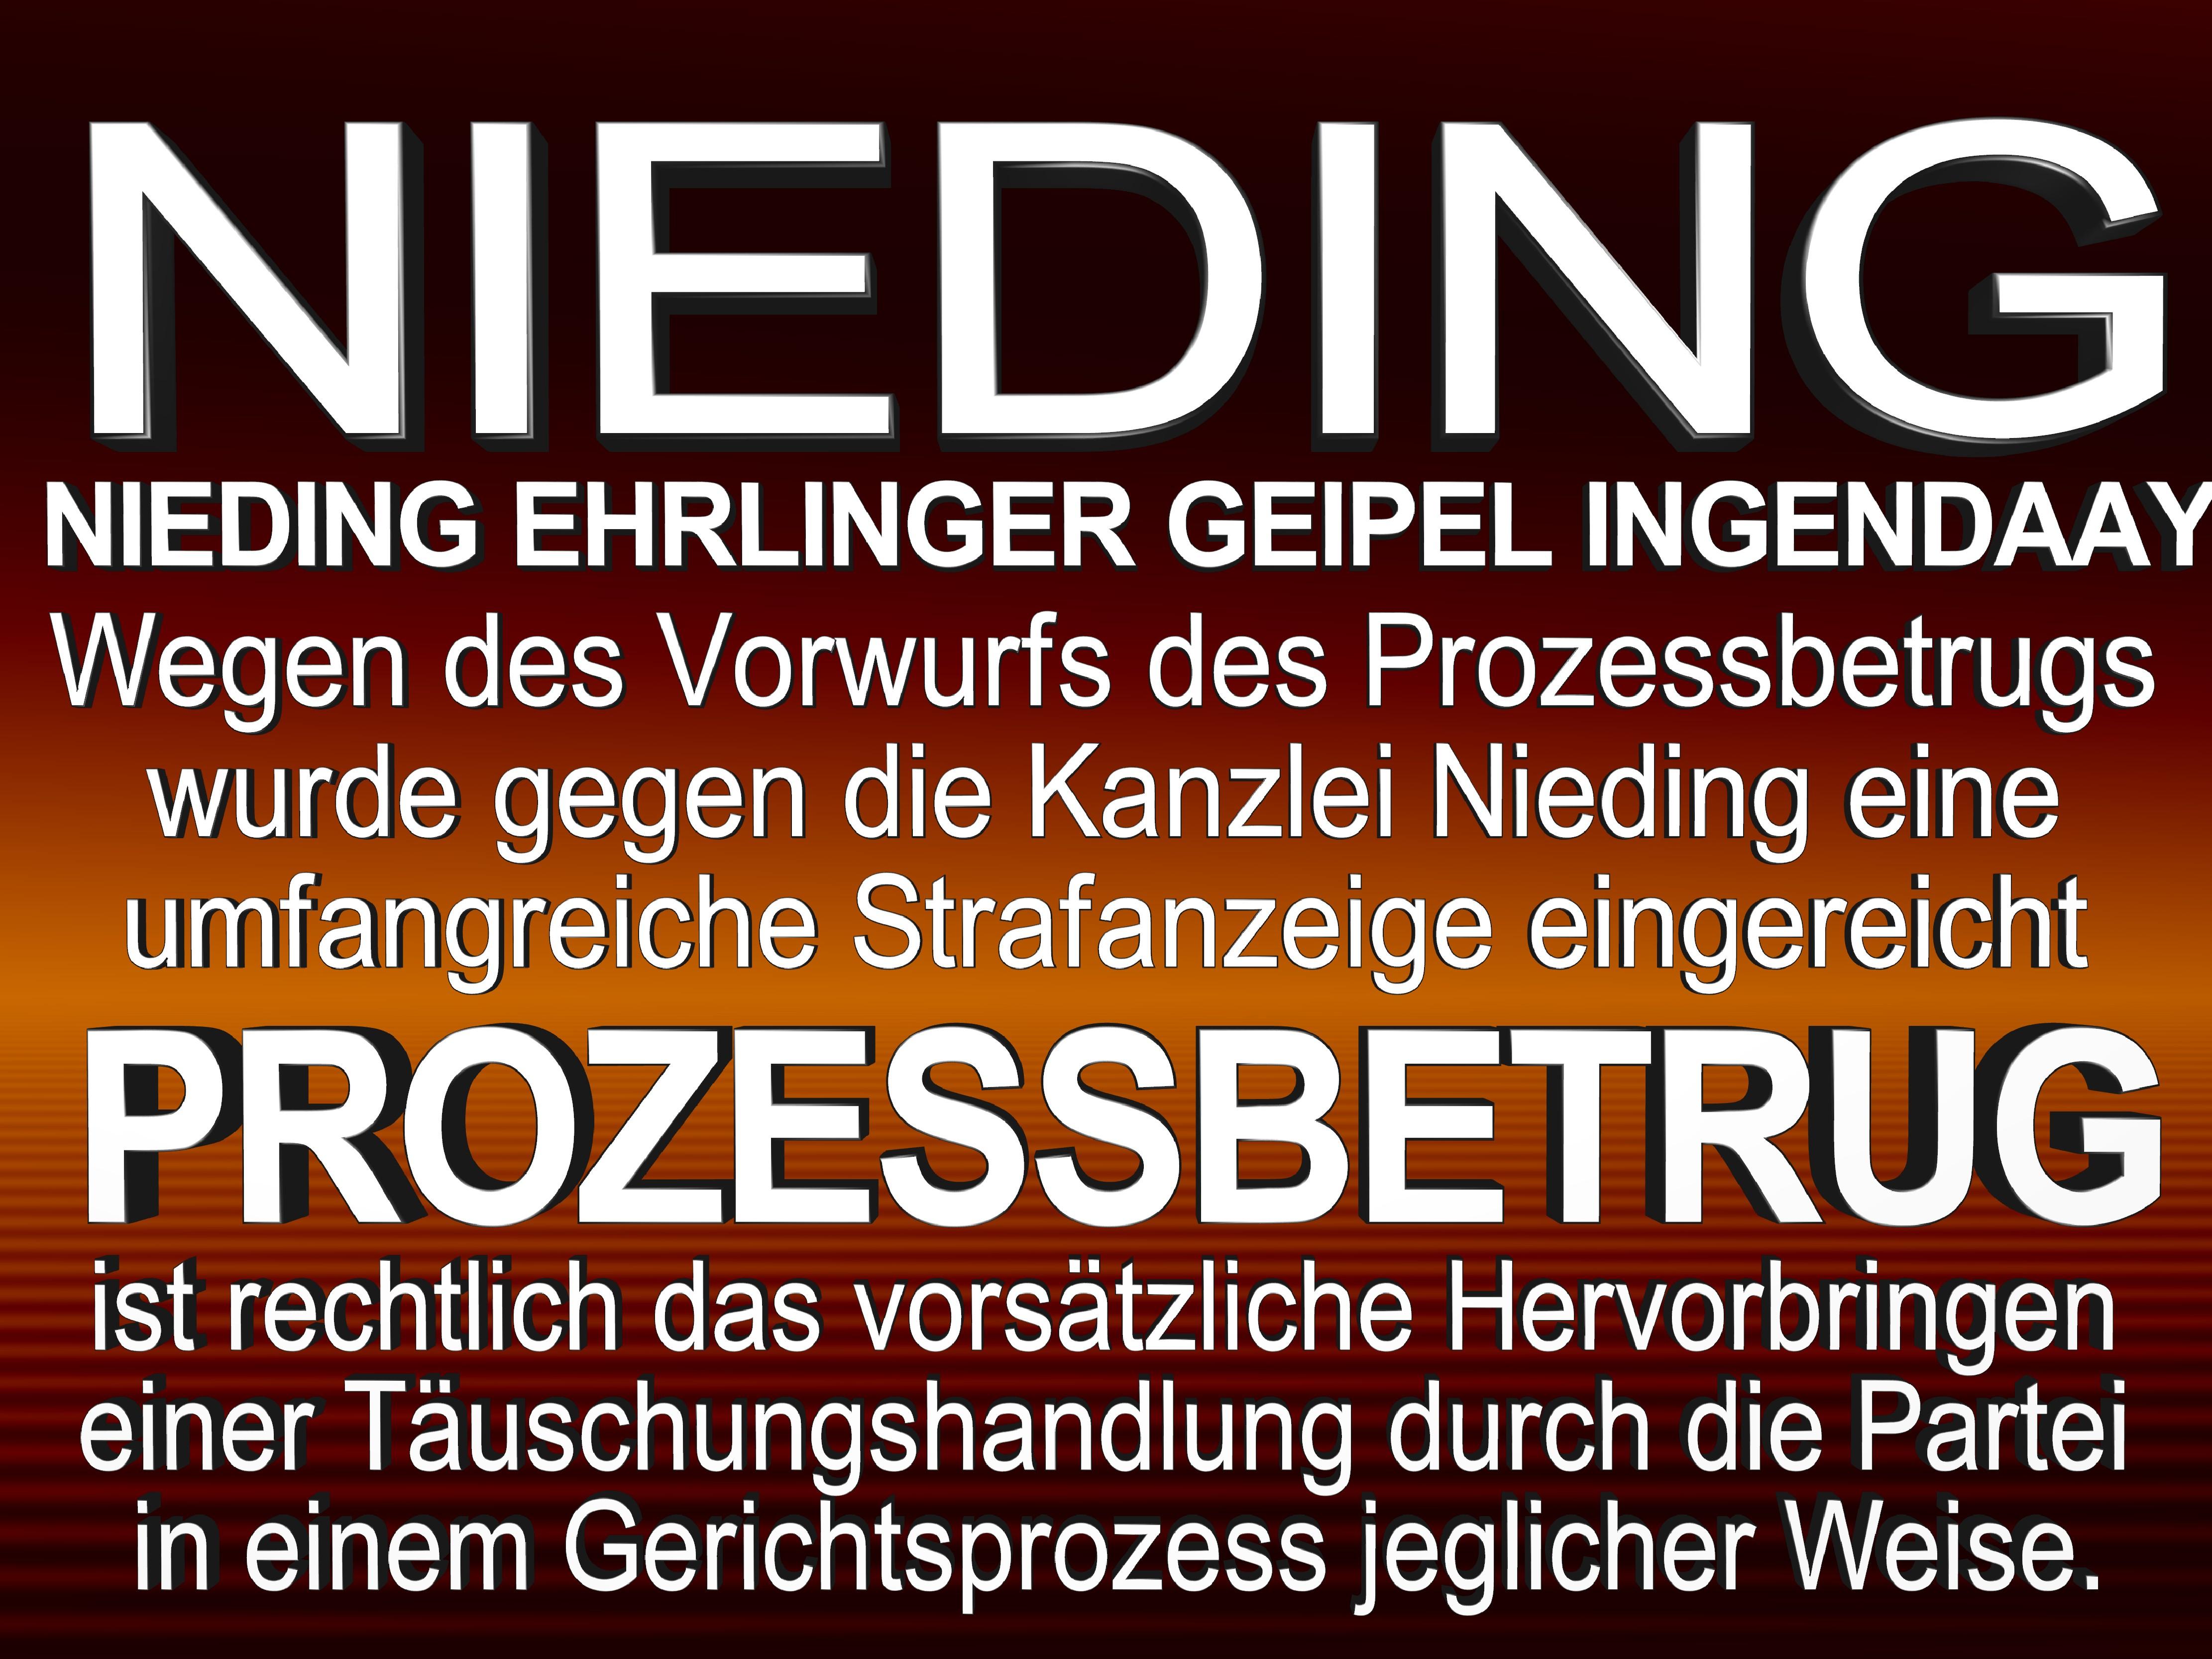 NIEDING EHRLINGER GEIPEL INGENDAAY LELKE Kurfürstendamm 66 Berlin (98)